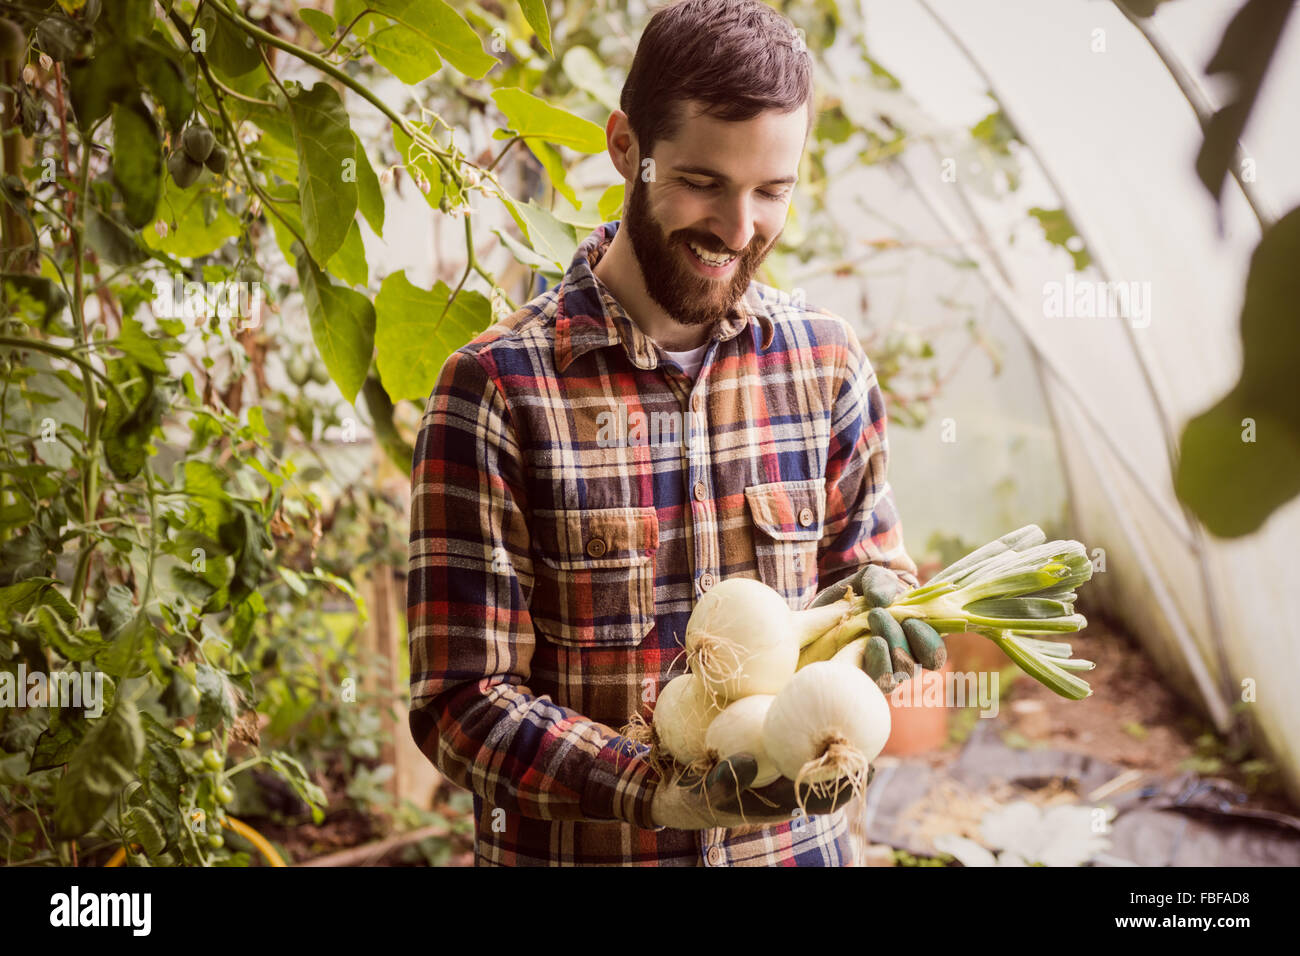 Lächelnder Mann Blick auf Birne Stockbild